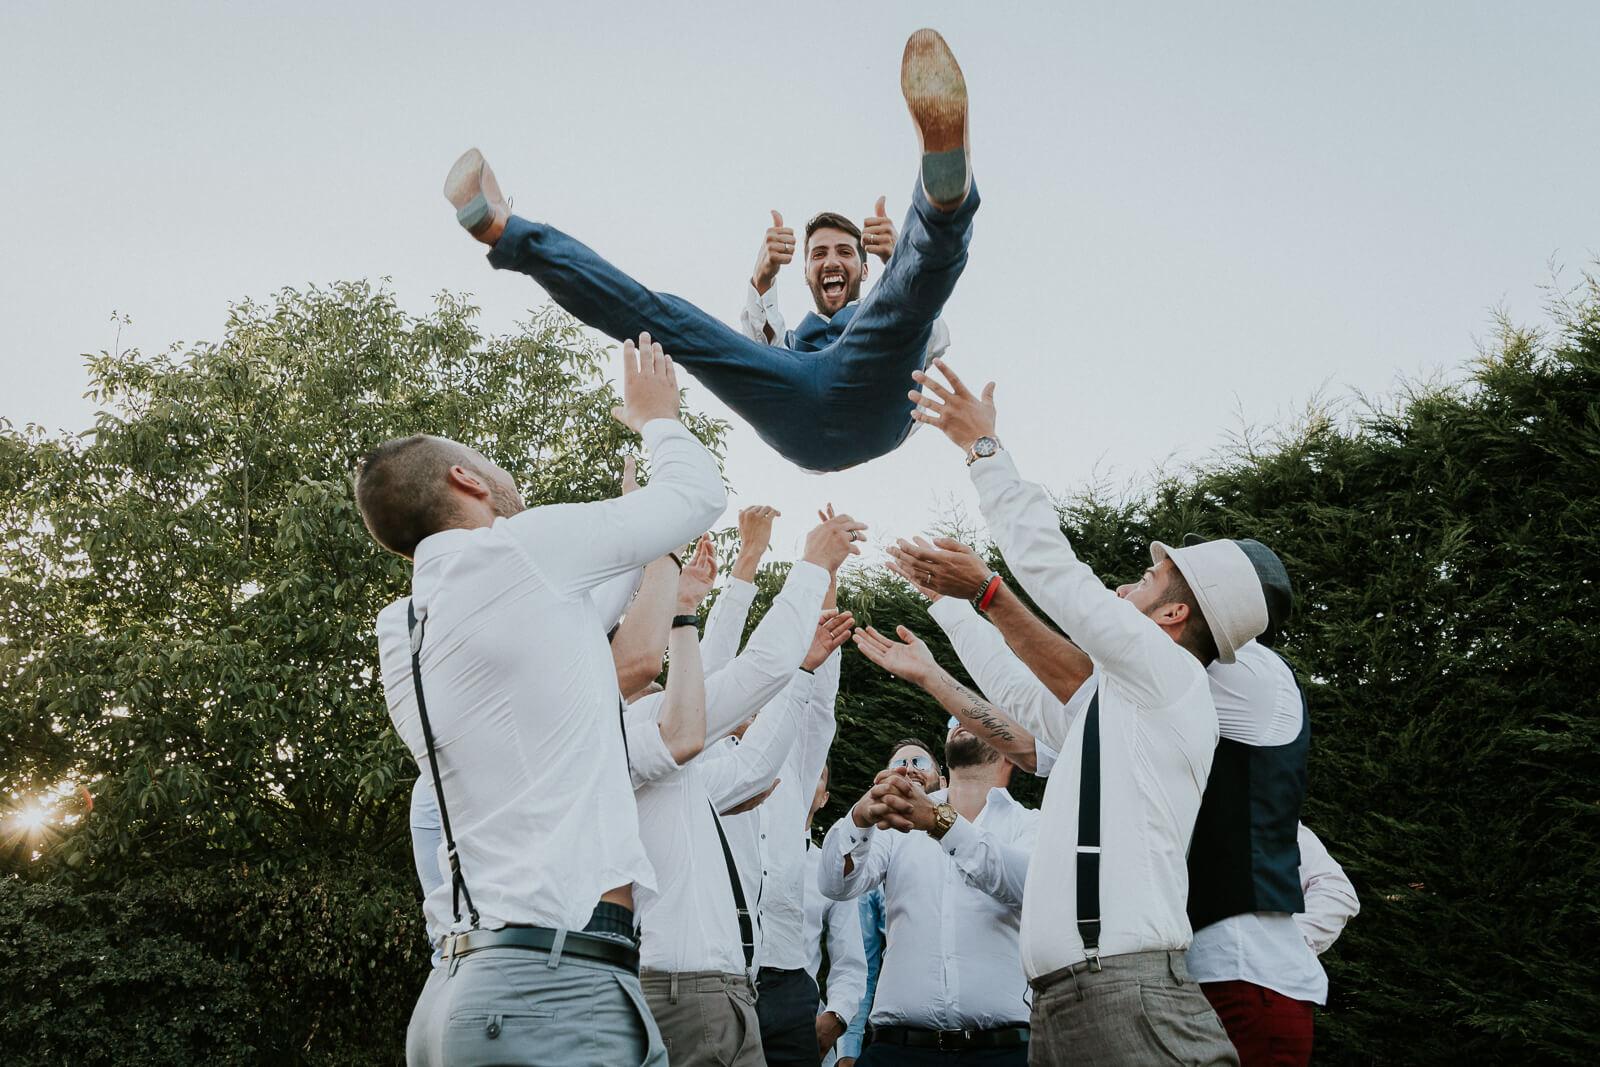 séance photos reportage mariage tourelles du fonville eure et loir marié en l'air cocktail vin d'honneur fun décalé